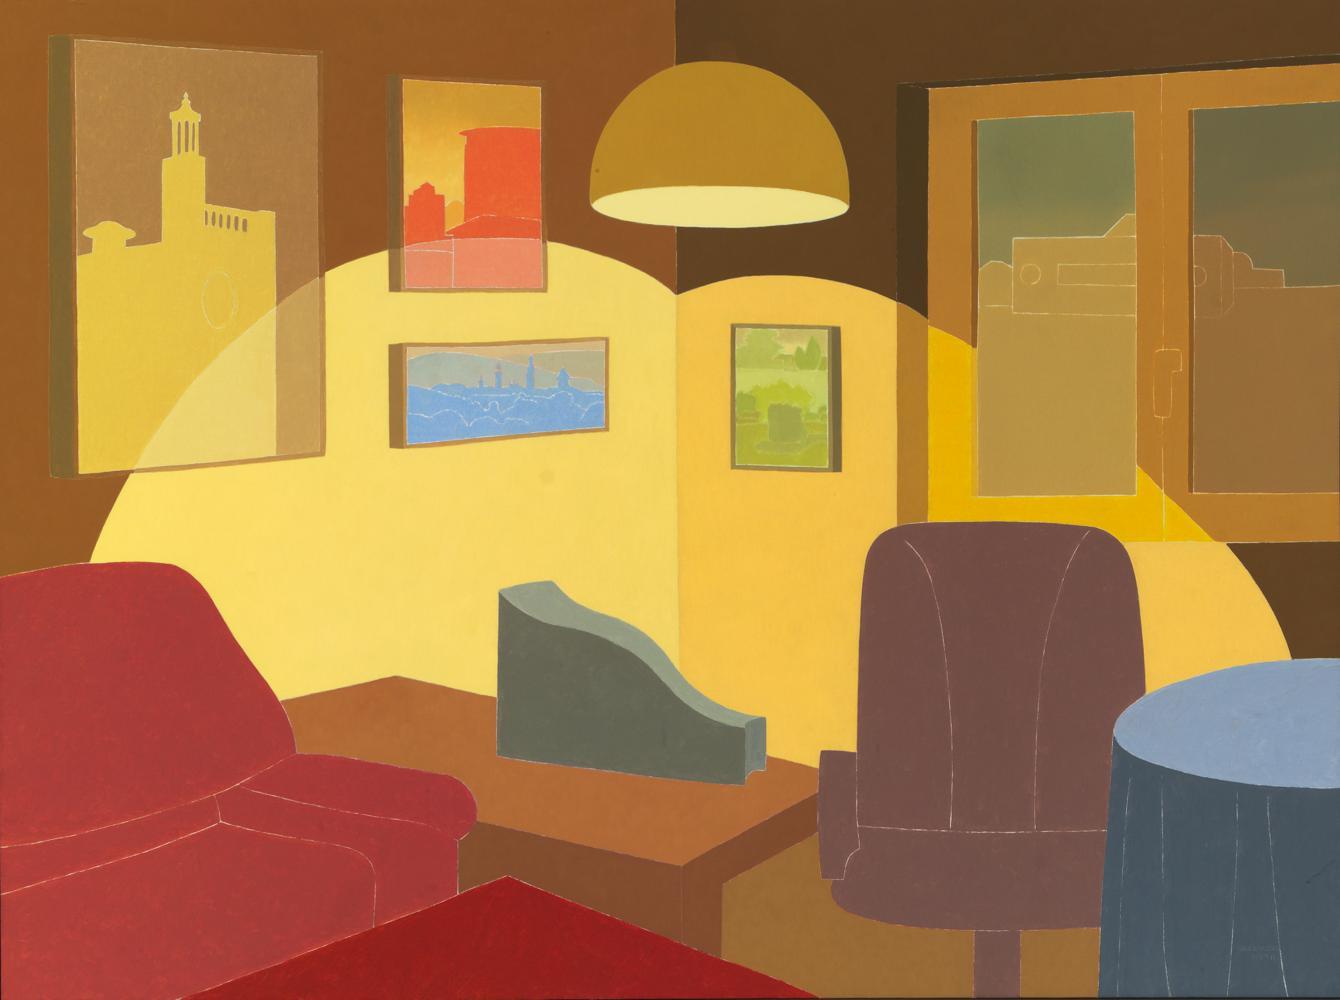 Pamplona en mi cuarto de estar, 97 x 130 cm, óleo lienzo, 1994.